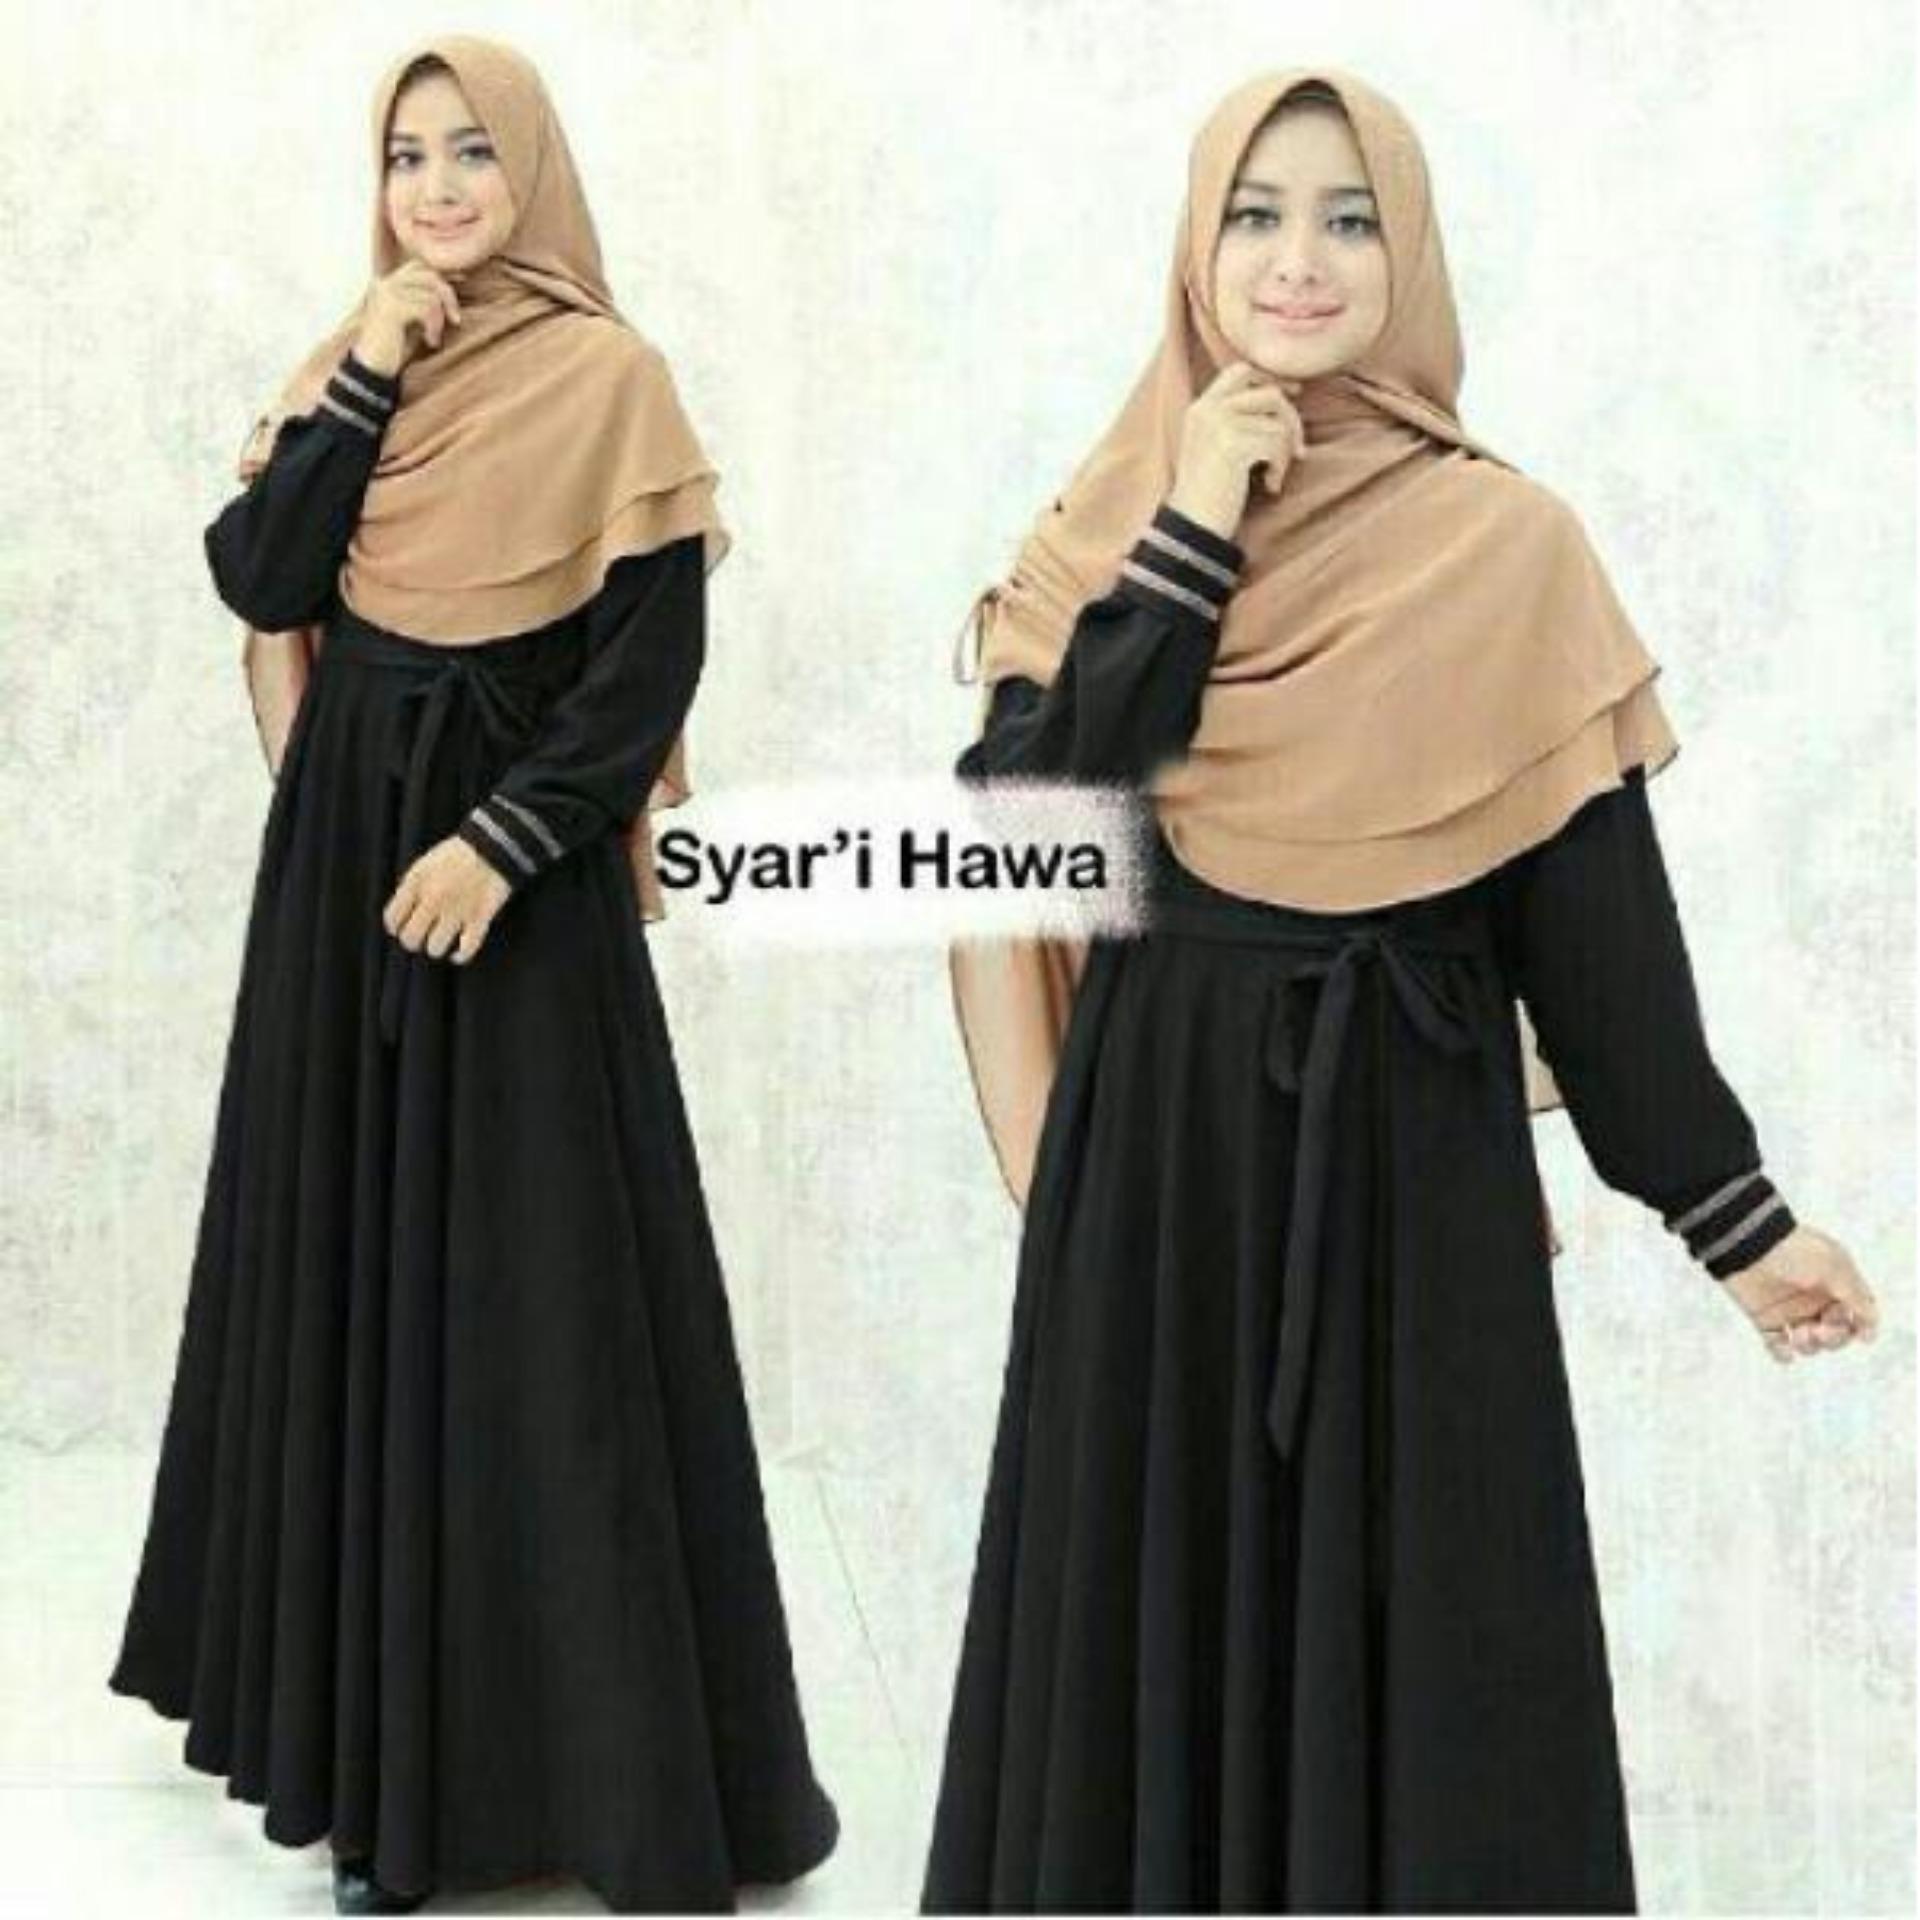 Harga Diskon Ratucouple Gamis Baju Kurung Syari Hijab Muslim Syar  03 Hawa Muslimah Wanita Fashion Murah Terbaru Pakaian Pesta Amunzen